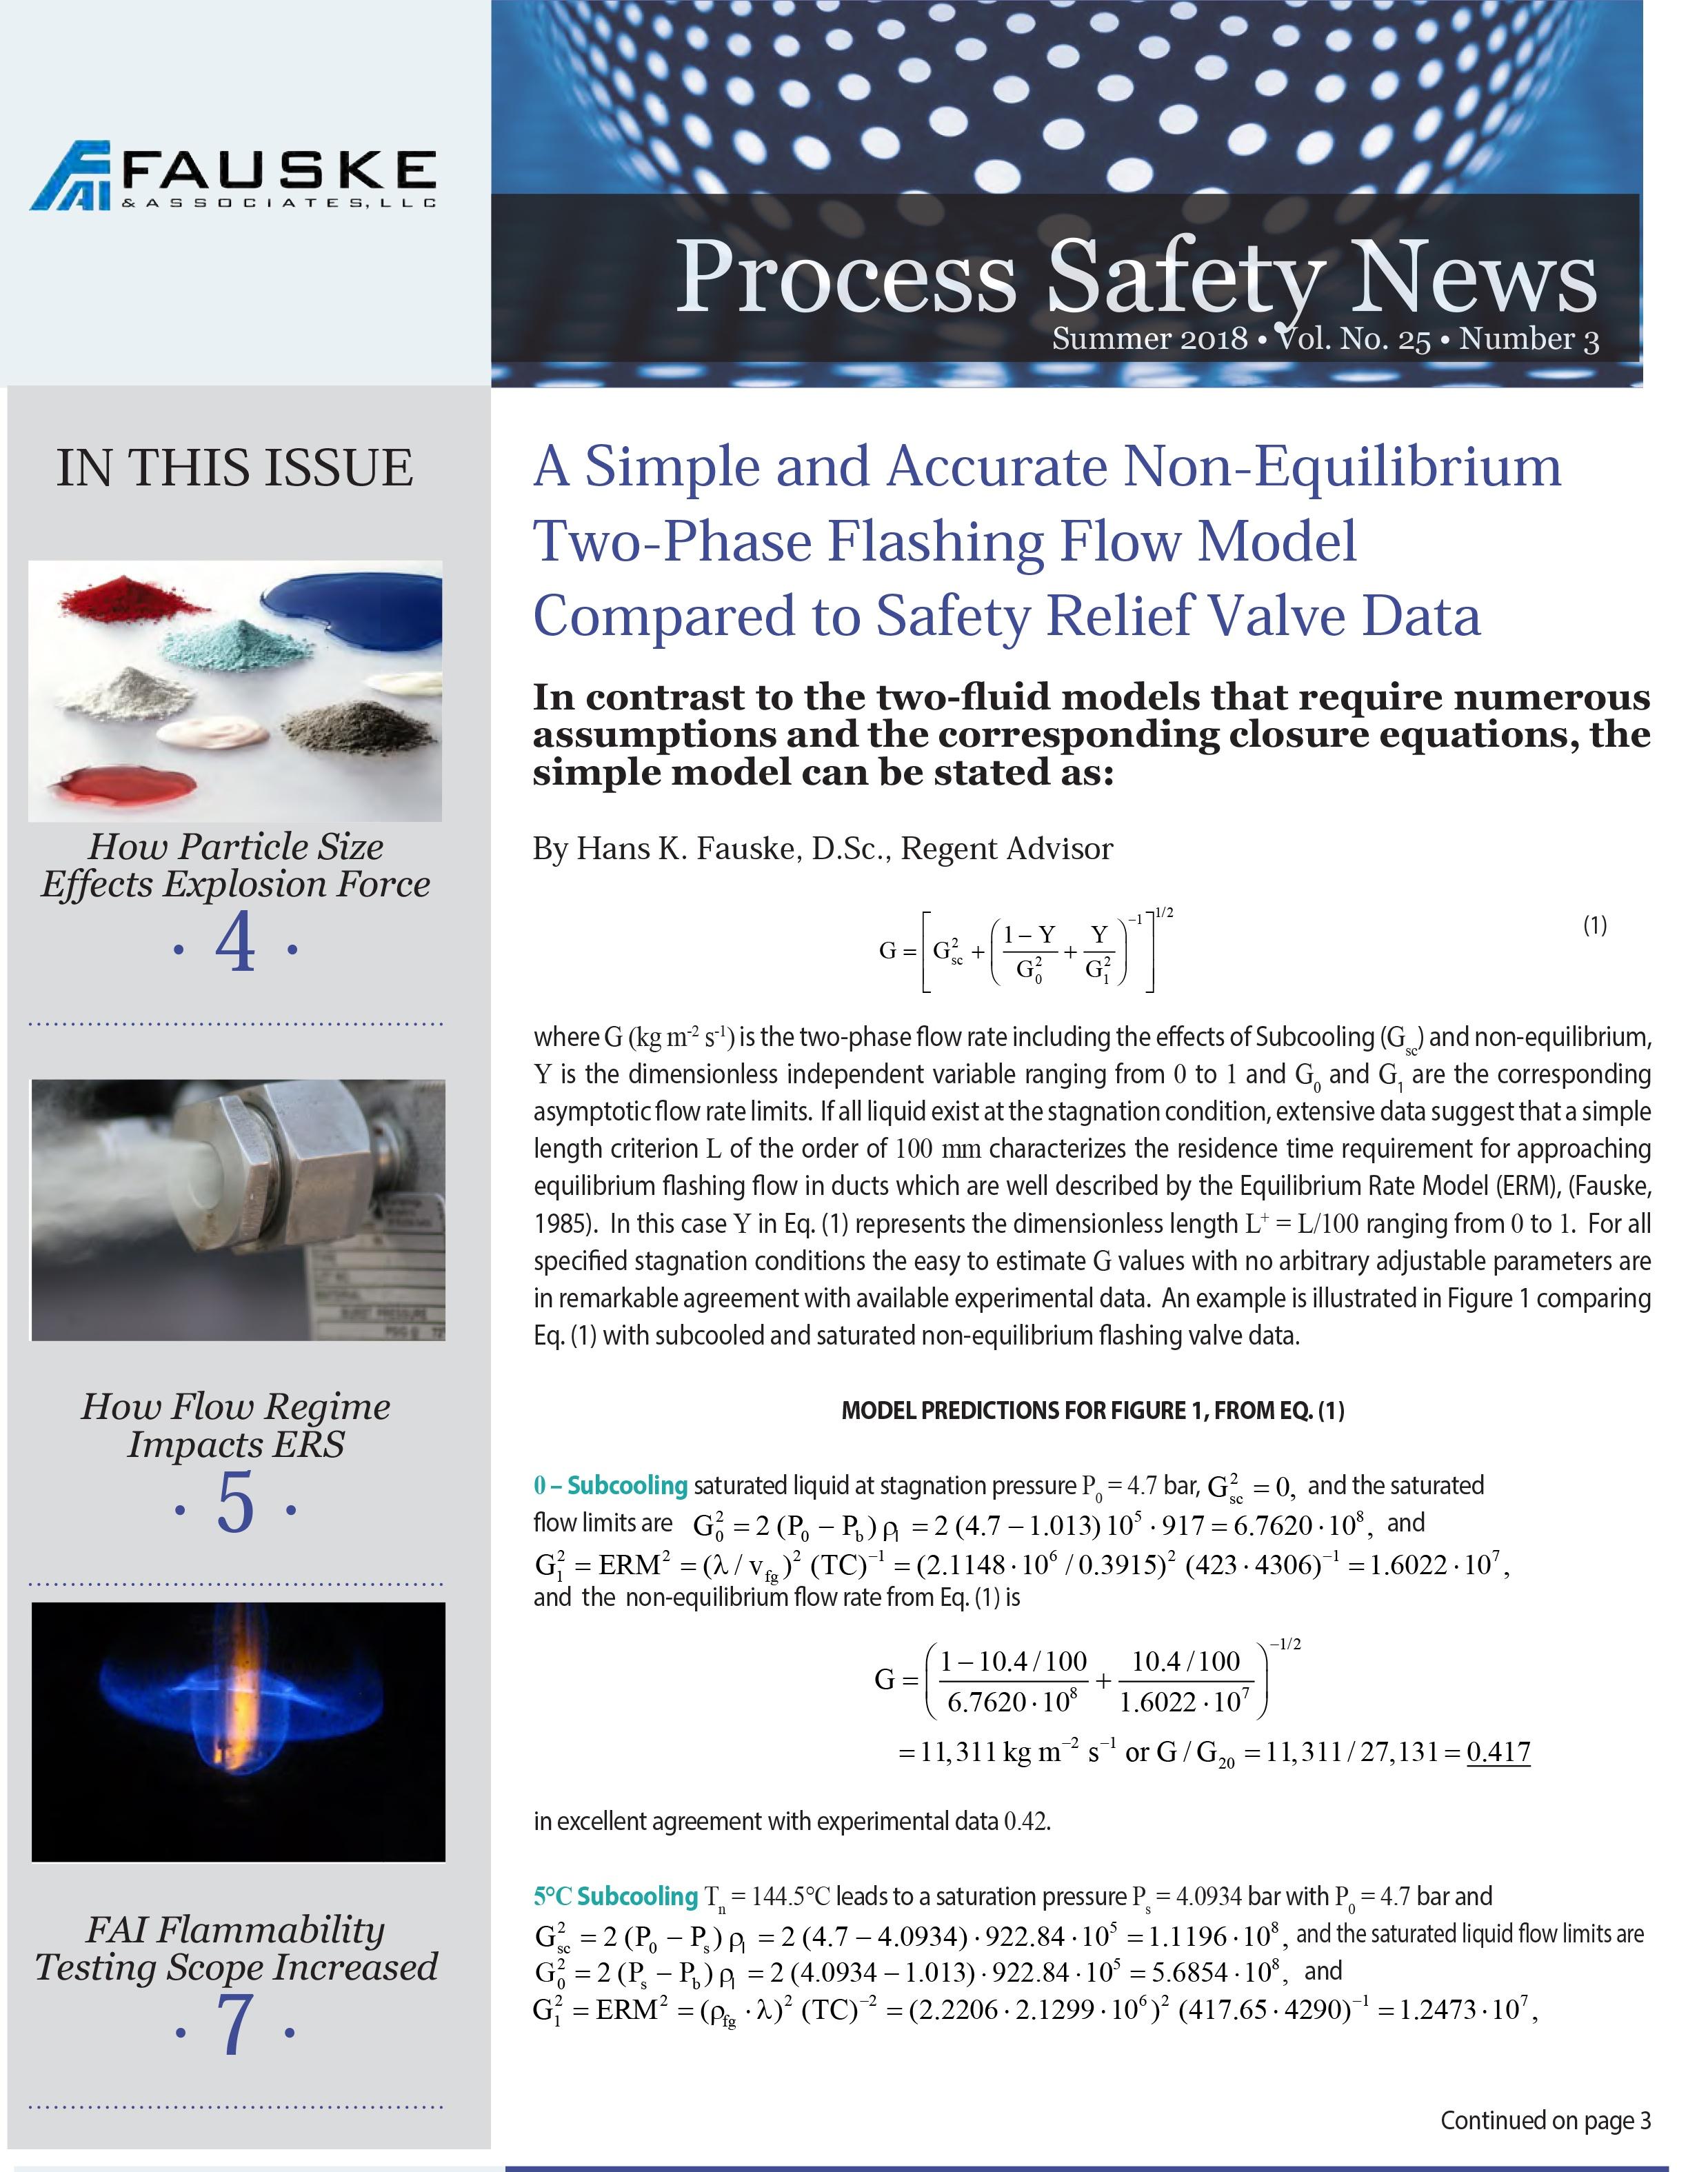 Summer 2018 Process Safety News